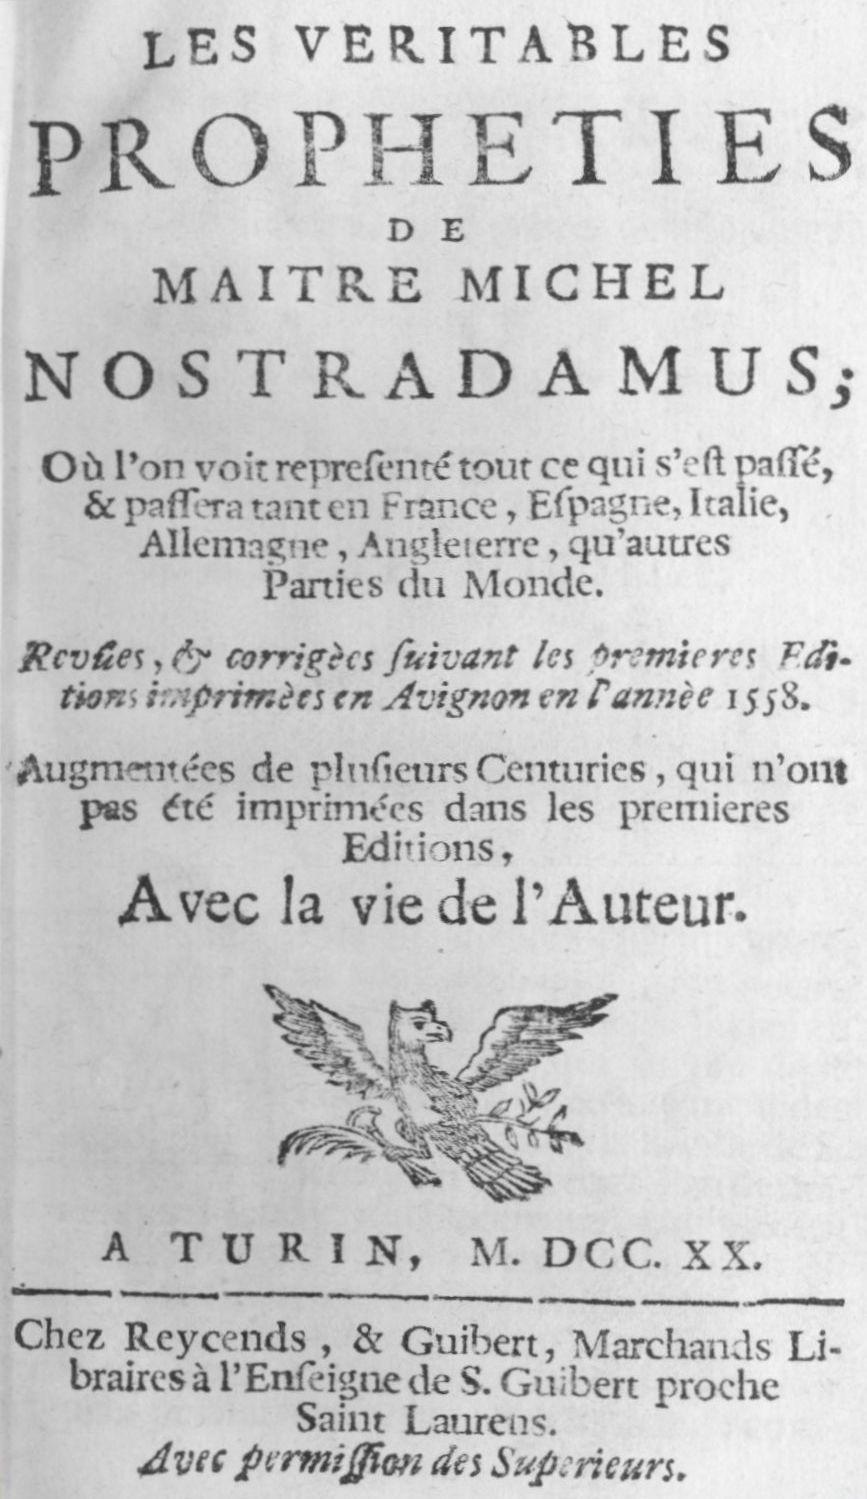 Nostradamus y la Profecía del Cometa - Página 2 Nostradamus_Centuries1720